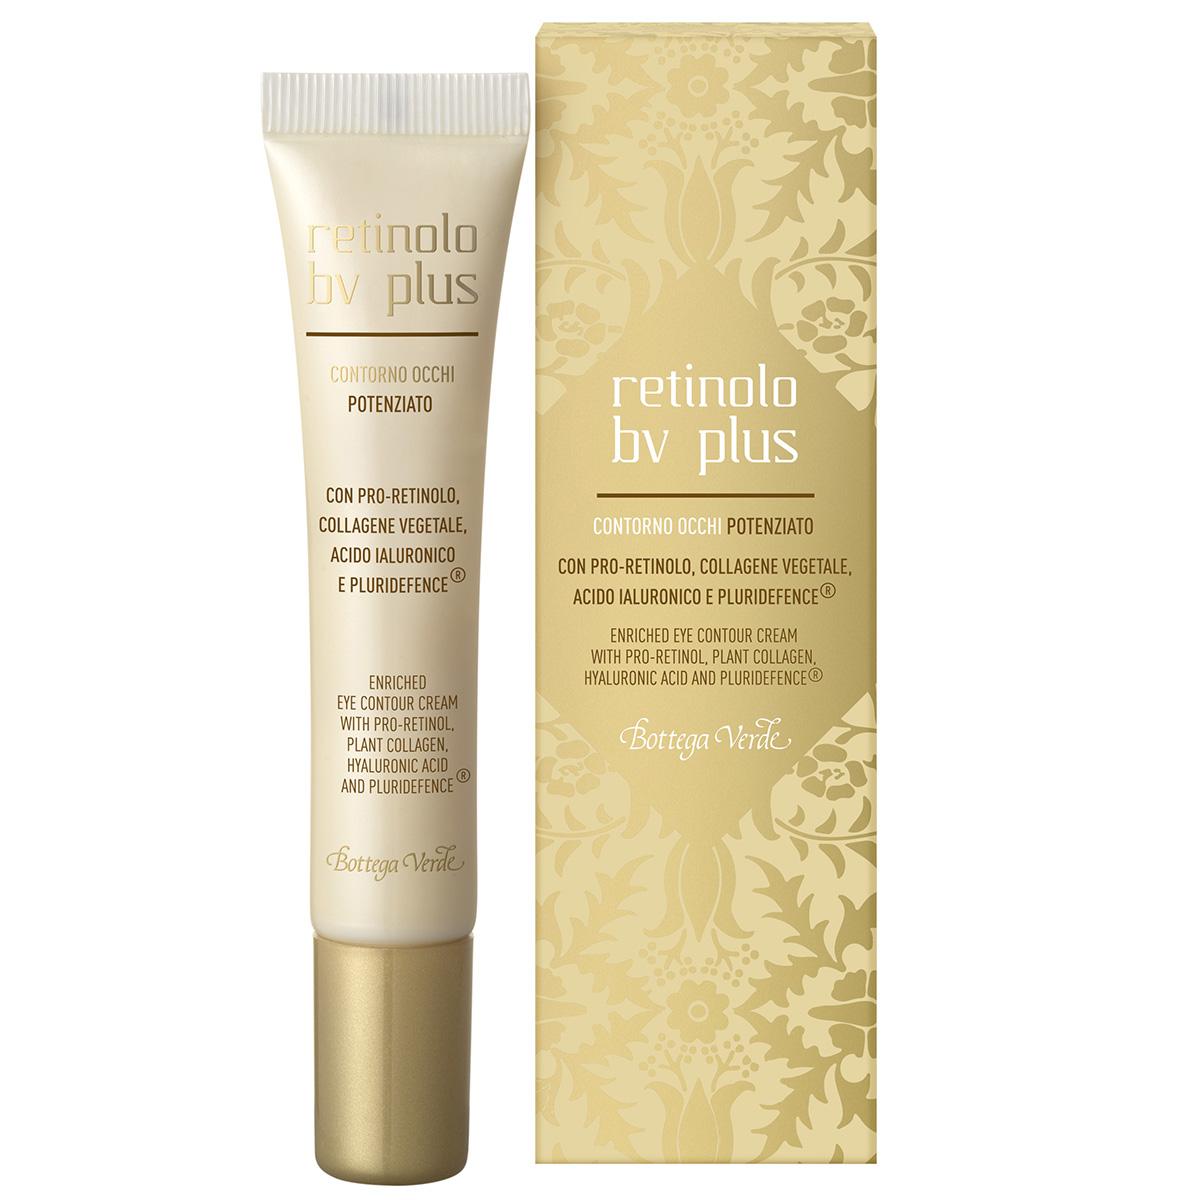 Retinolo Bv Plus - Crema Pentru Zona Din Jurul Ochilor Cu Pro-retinol  Colagen Vegetal  Acid Hialuronic Si Pluridefence®